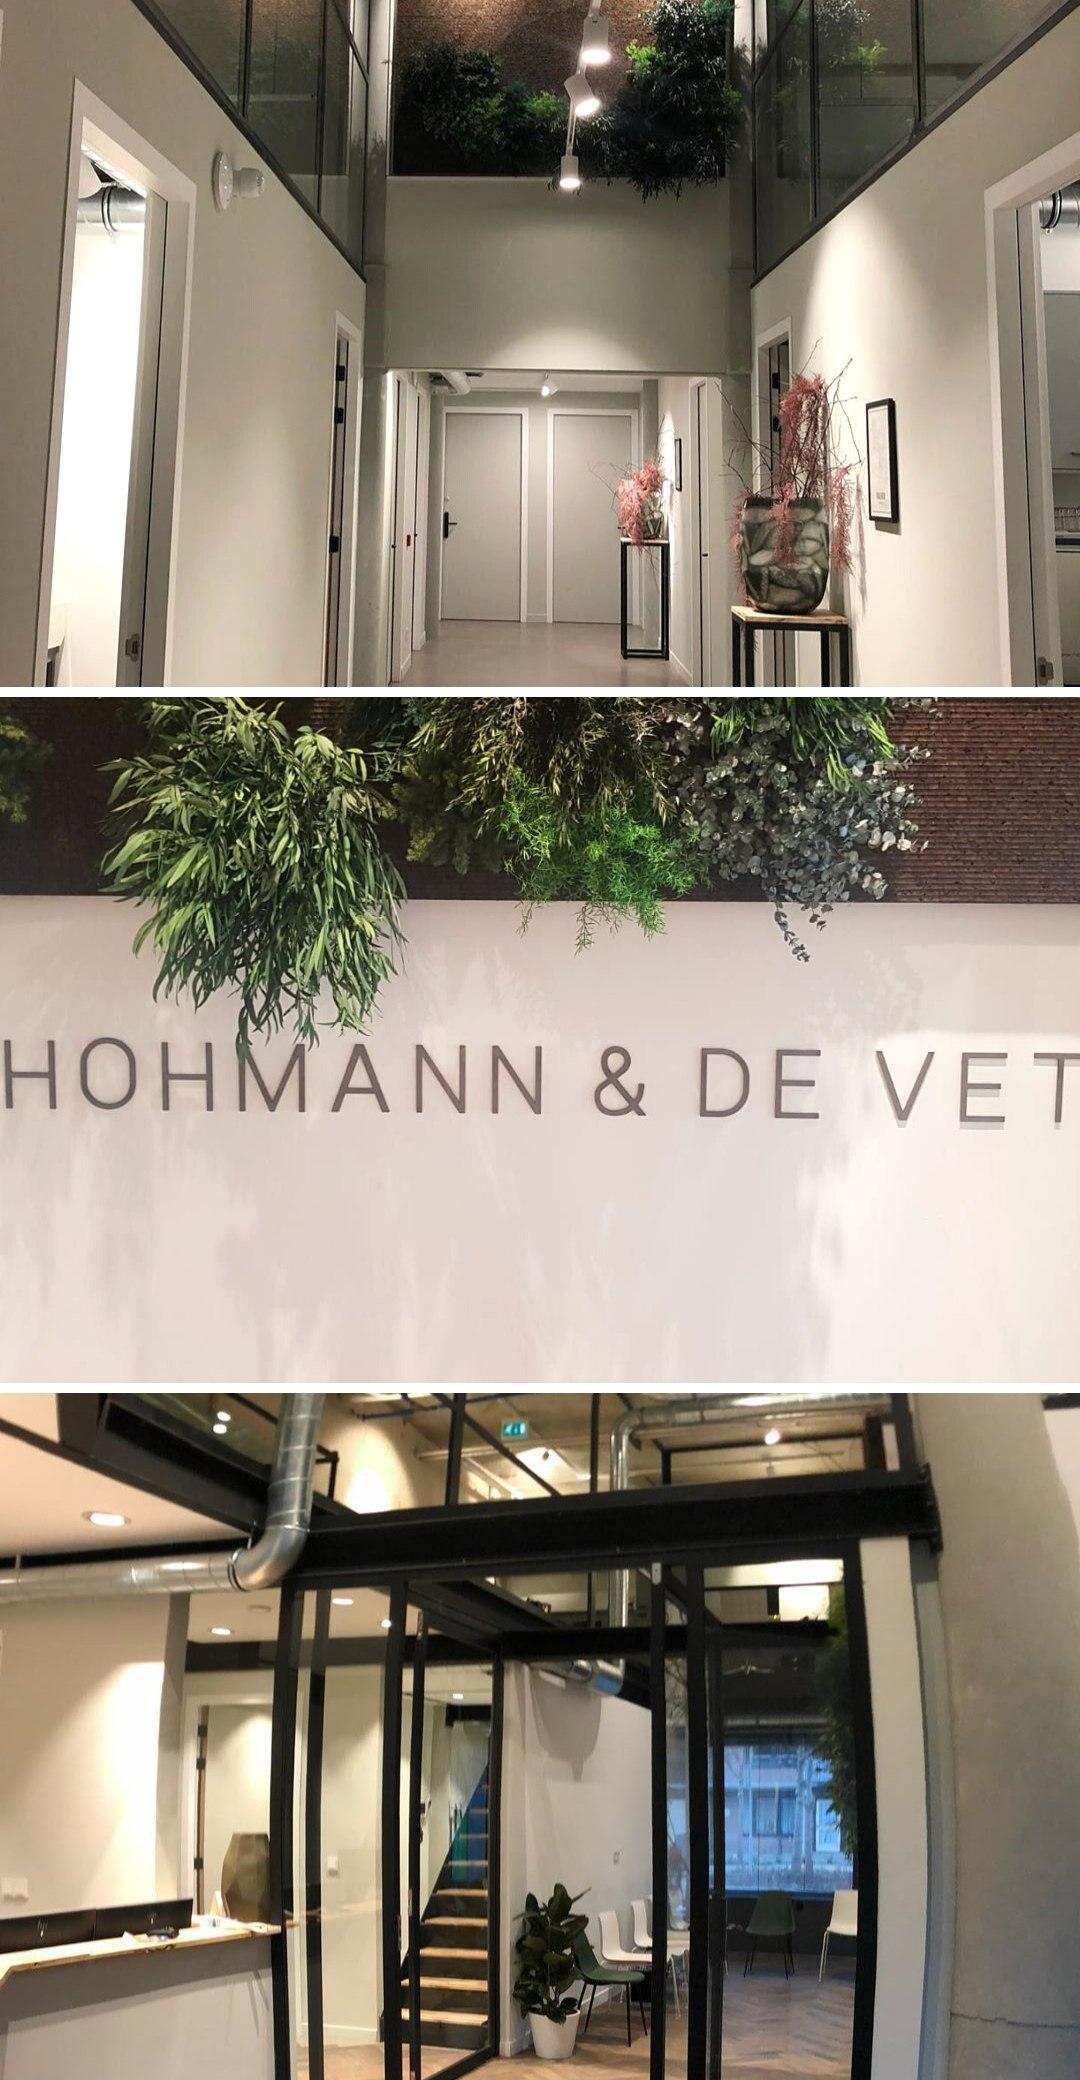 Hohmann & de Vett Geur